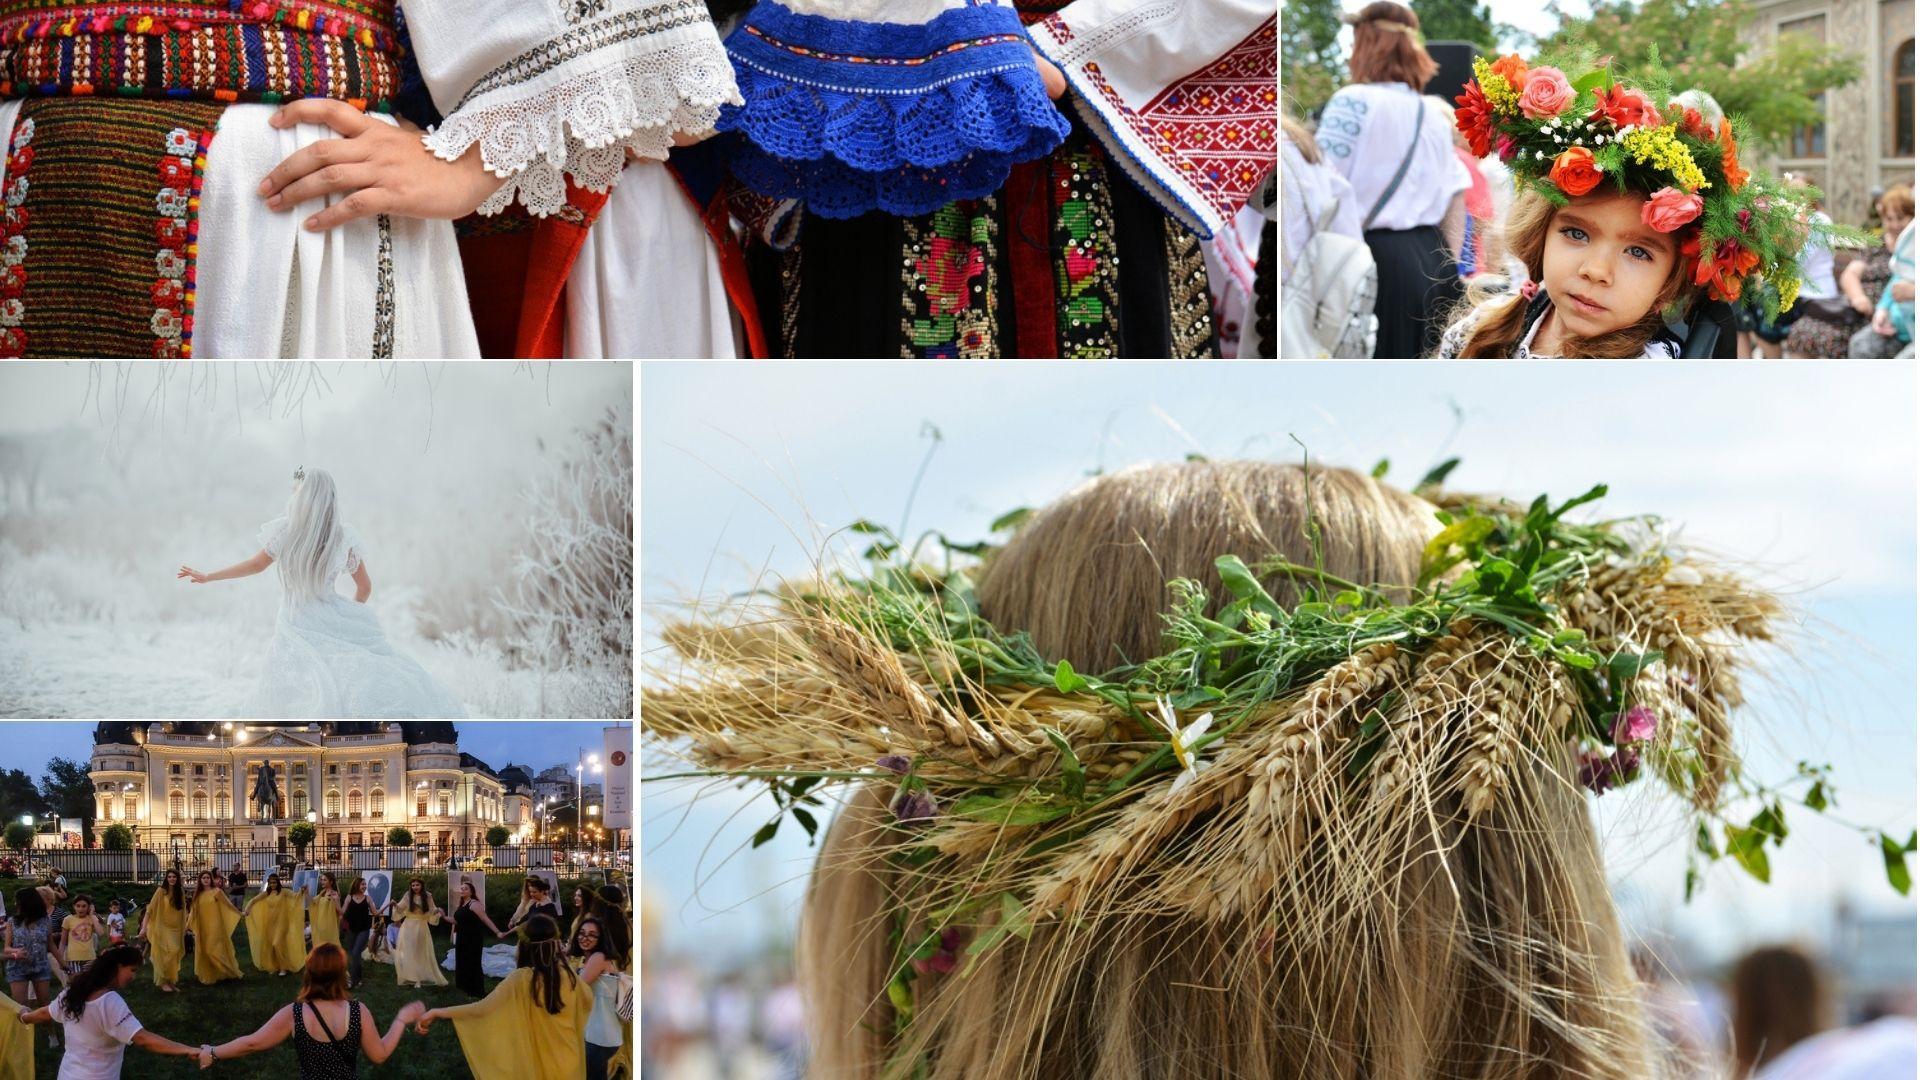 colaj de imagini cu coronite de sanziene, dansul ielelor si costume populare